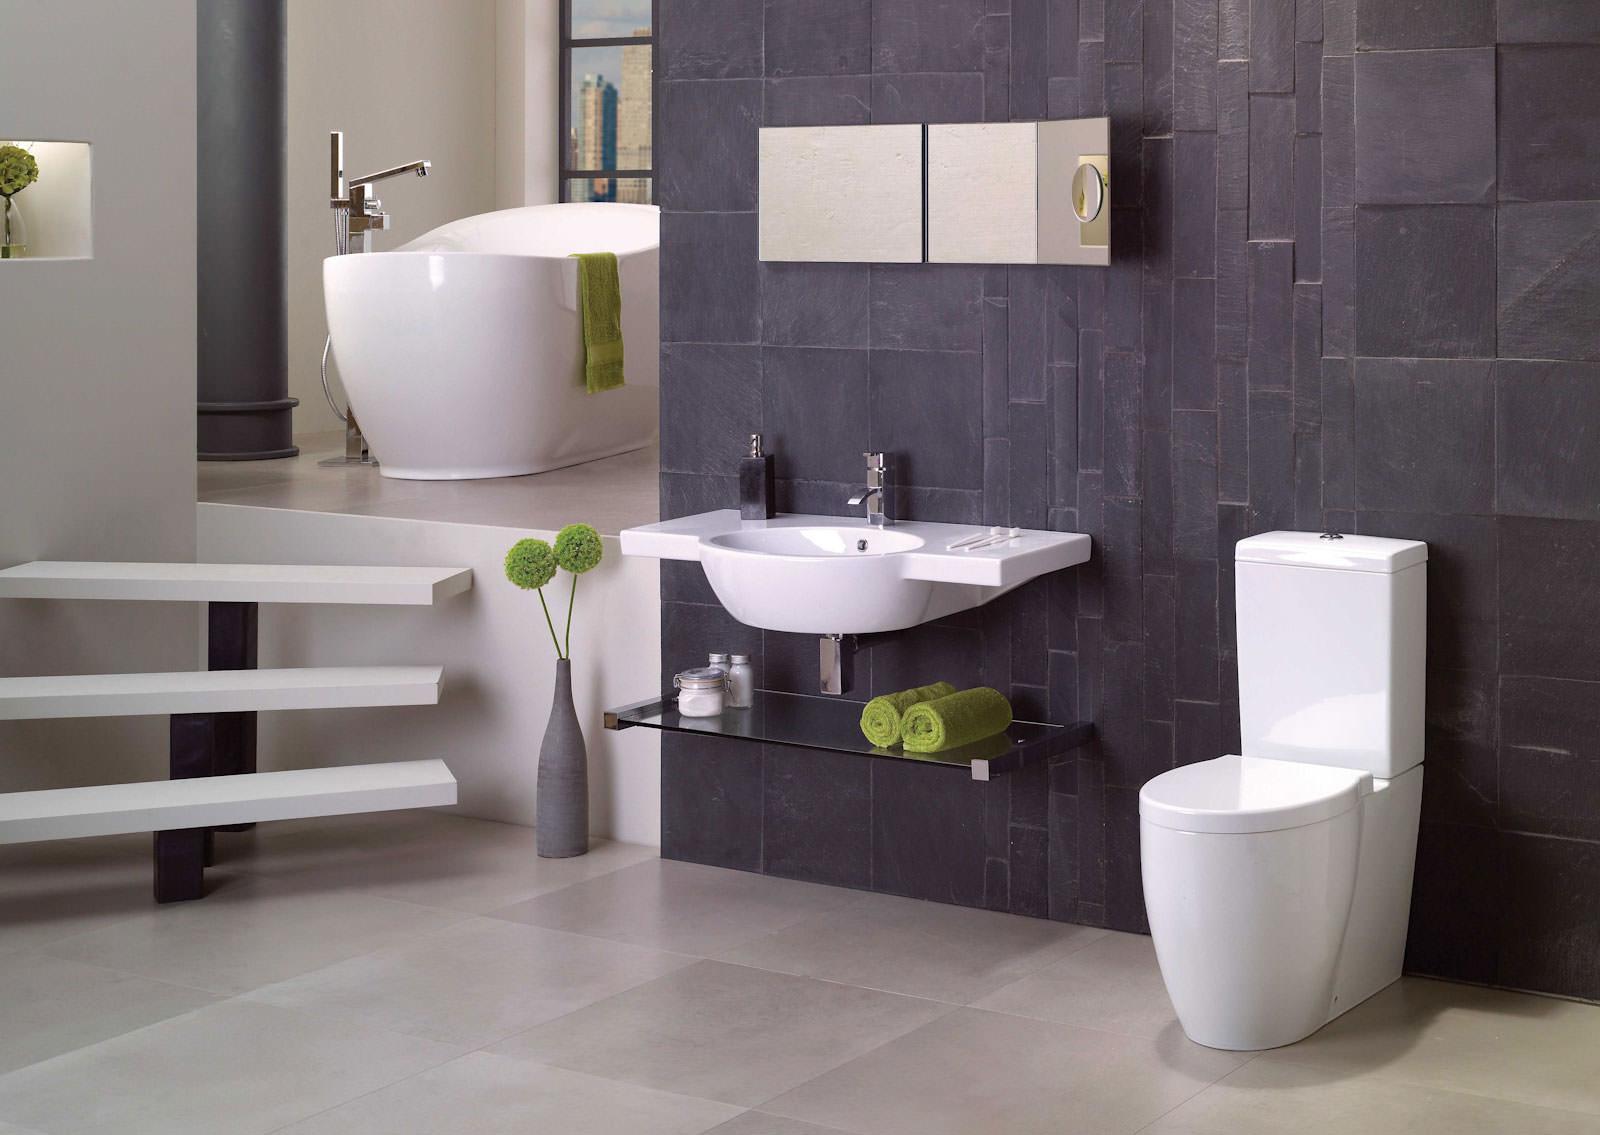 Salle de bain design - Salle de bain design ...